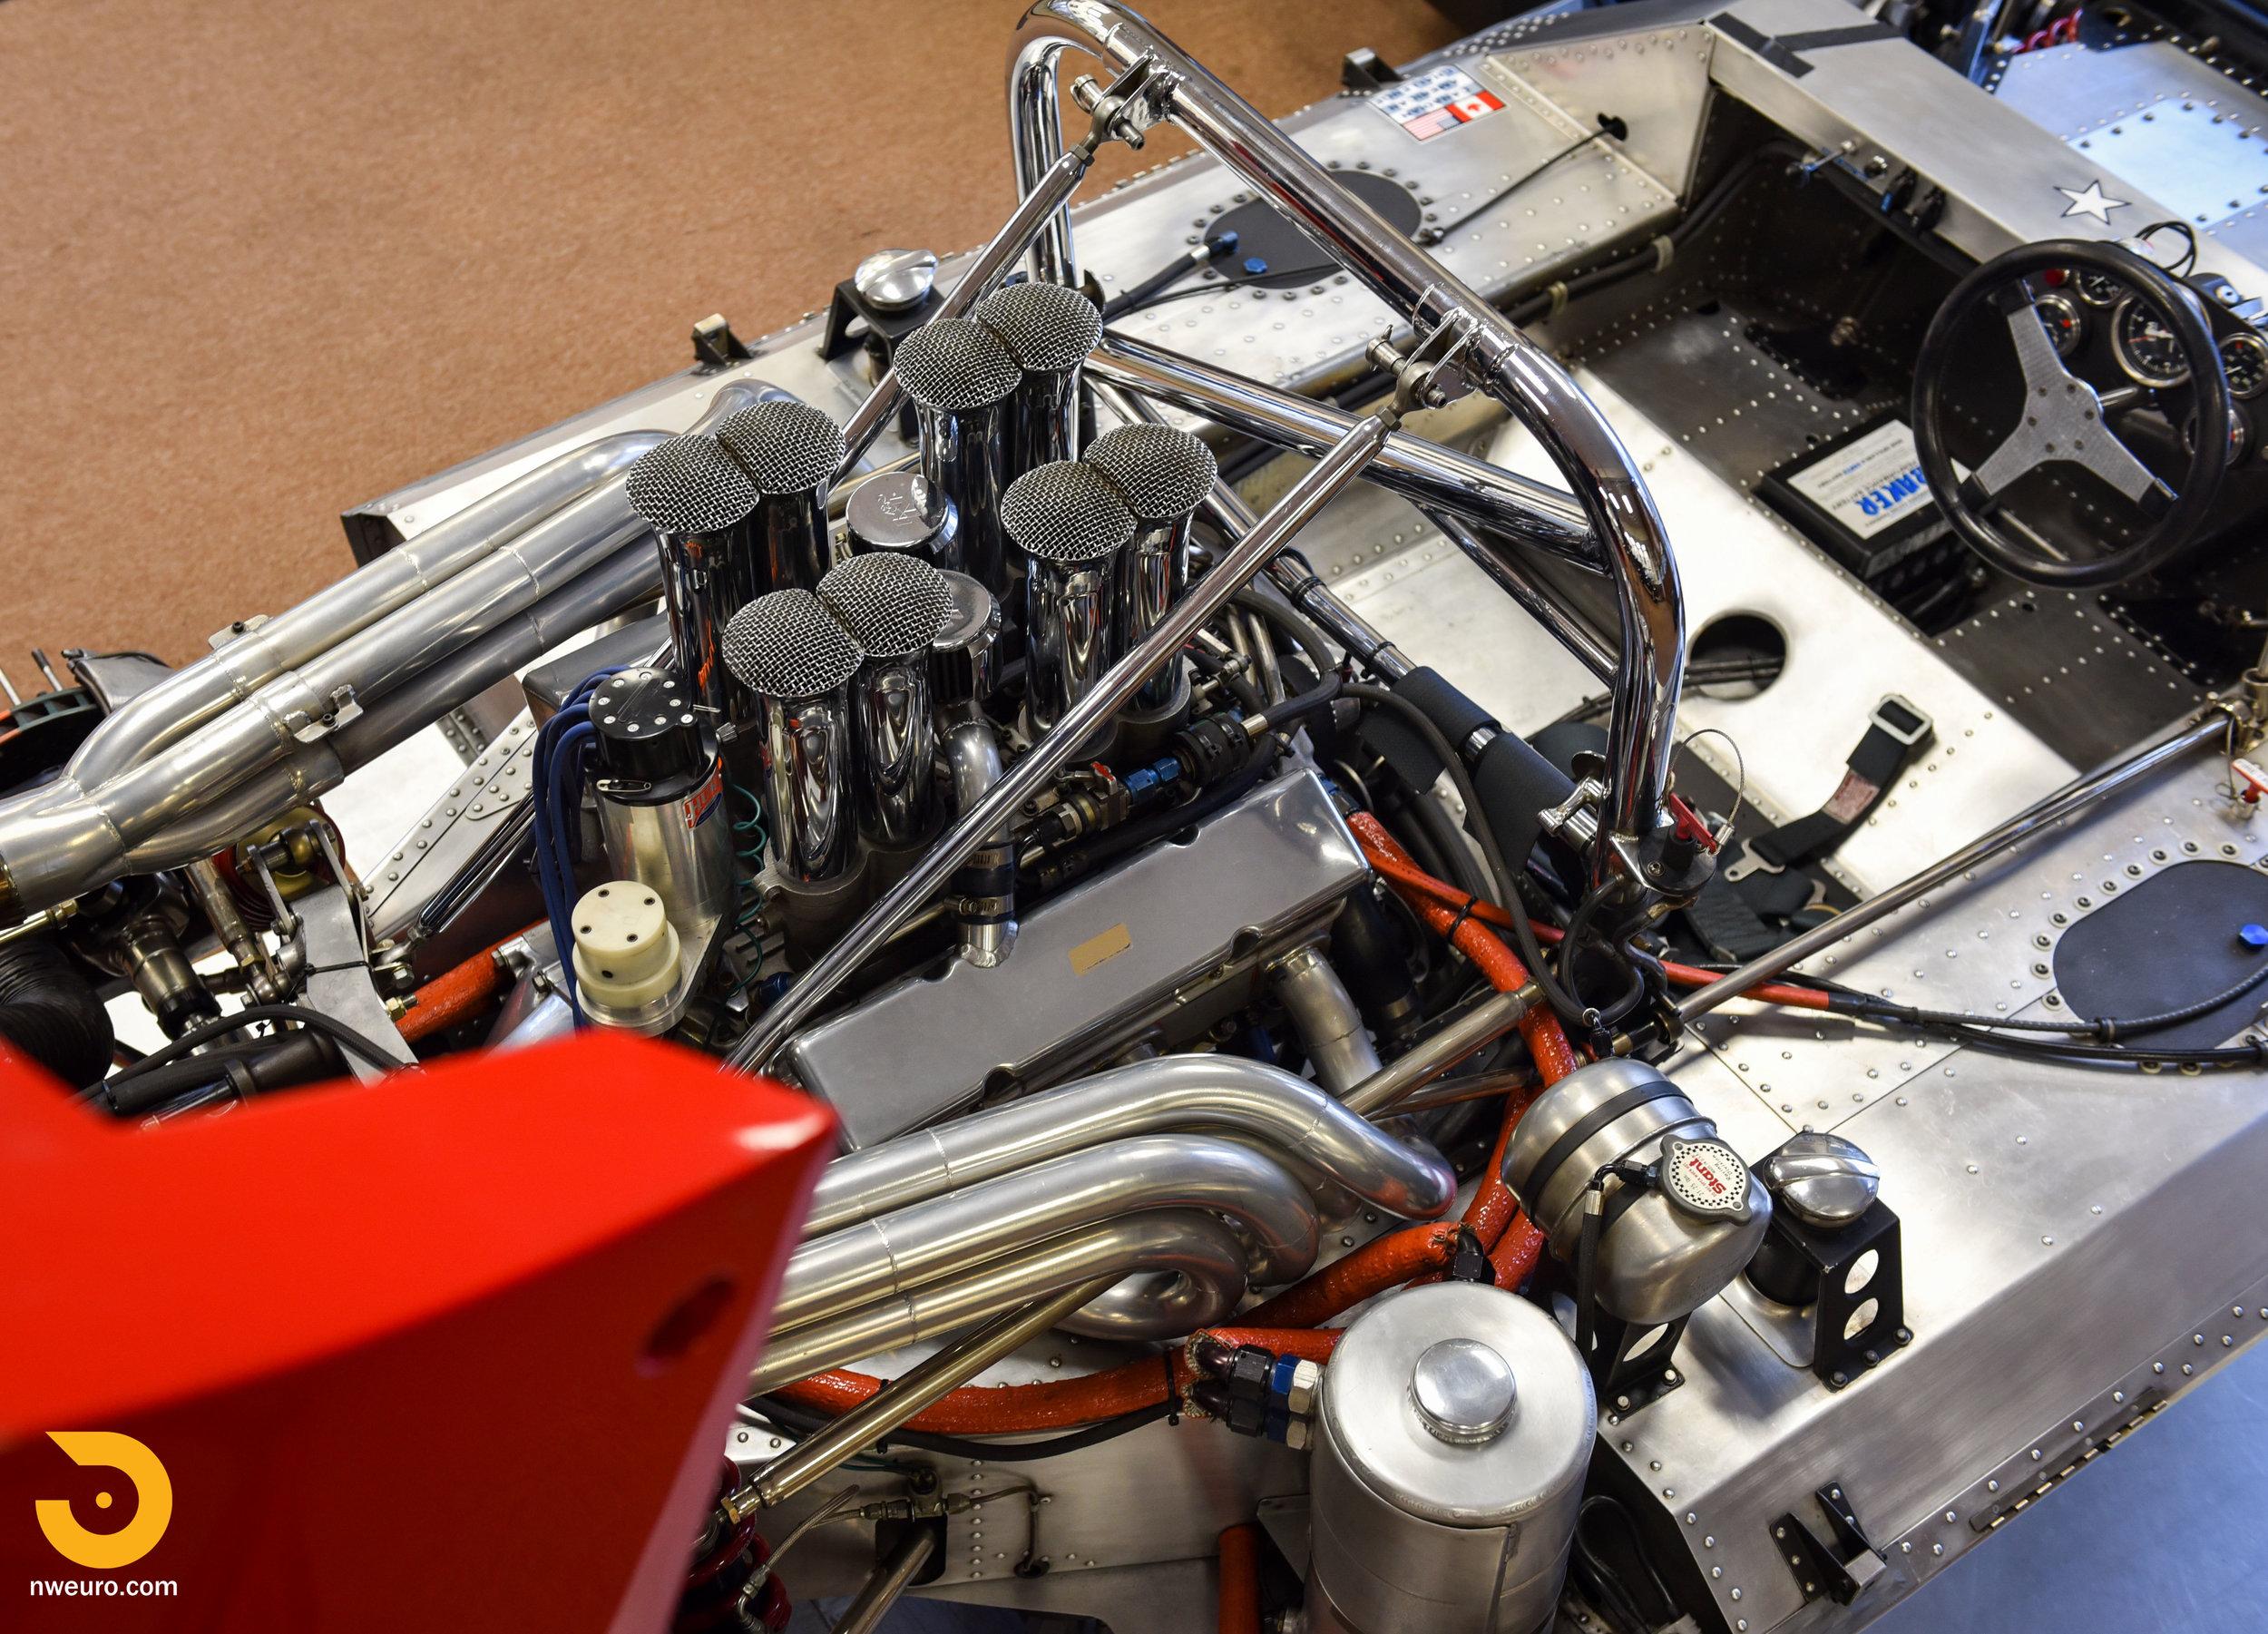 1969 Lola T162 Can-Am Race Car-8.jpg